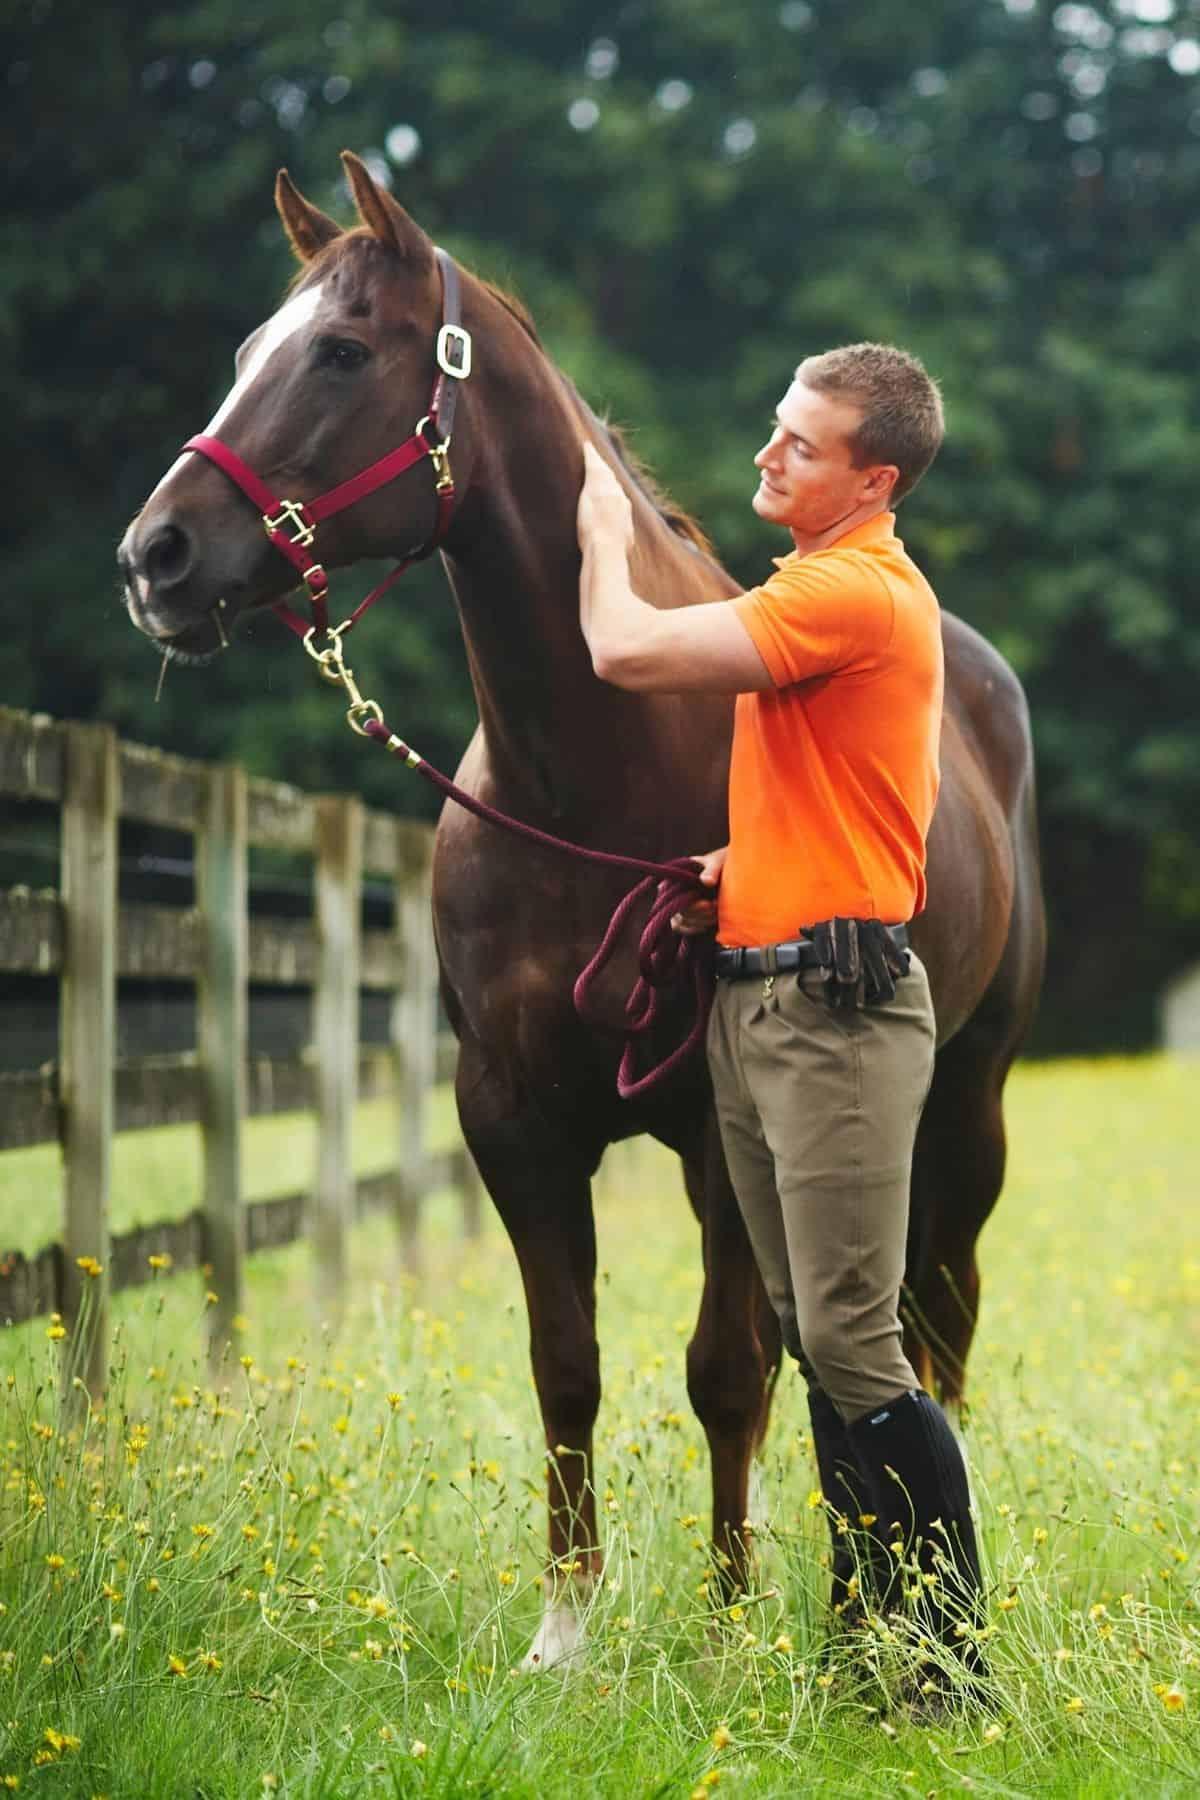 Man in orange grooming horse in field